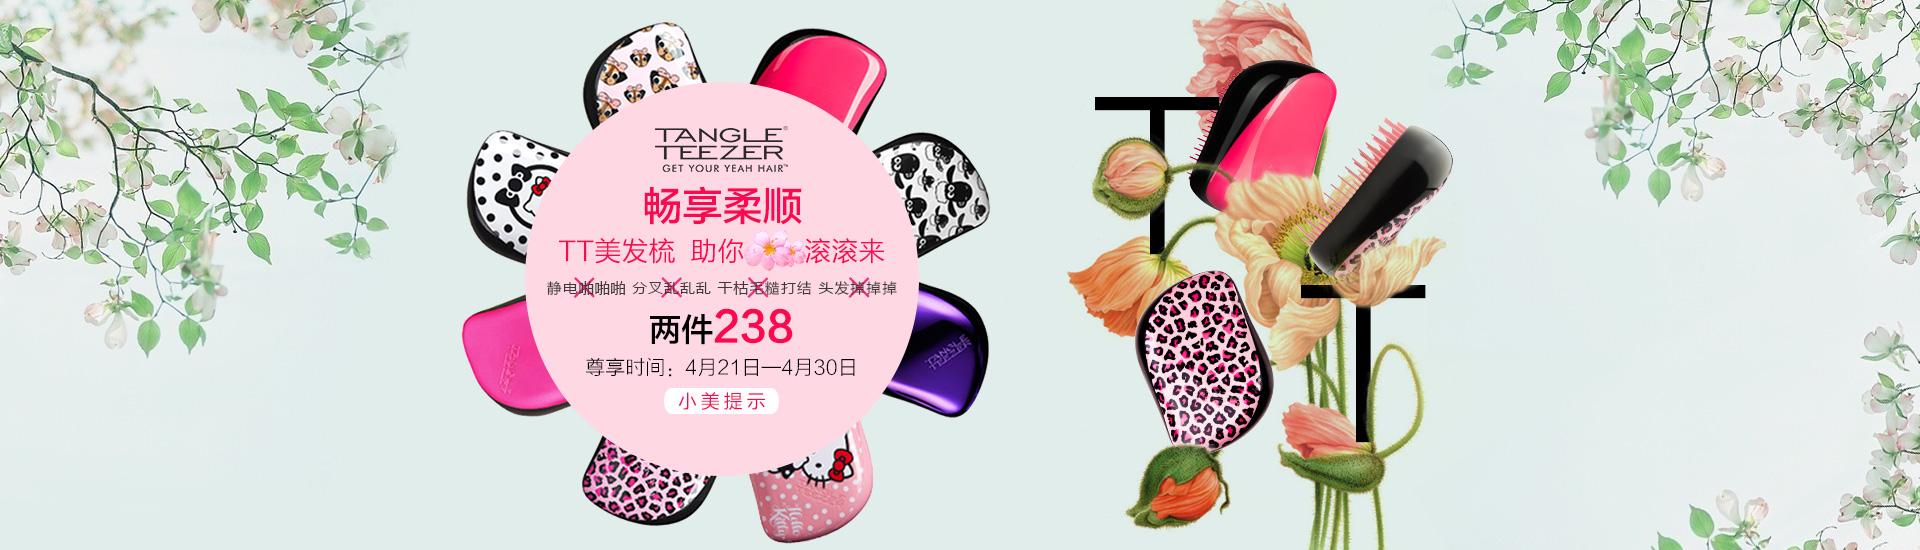 彩妆banner